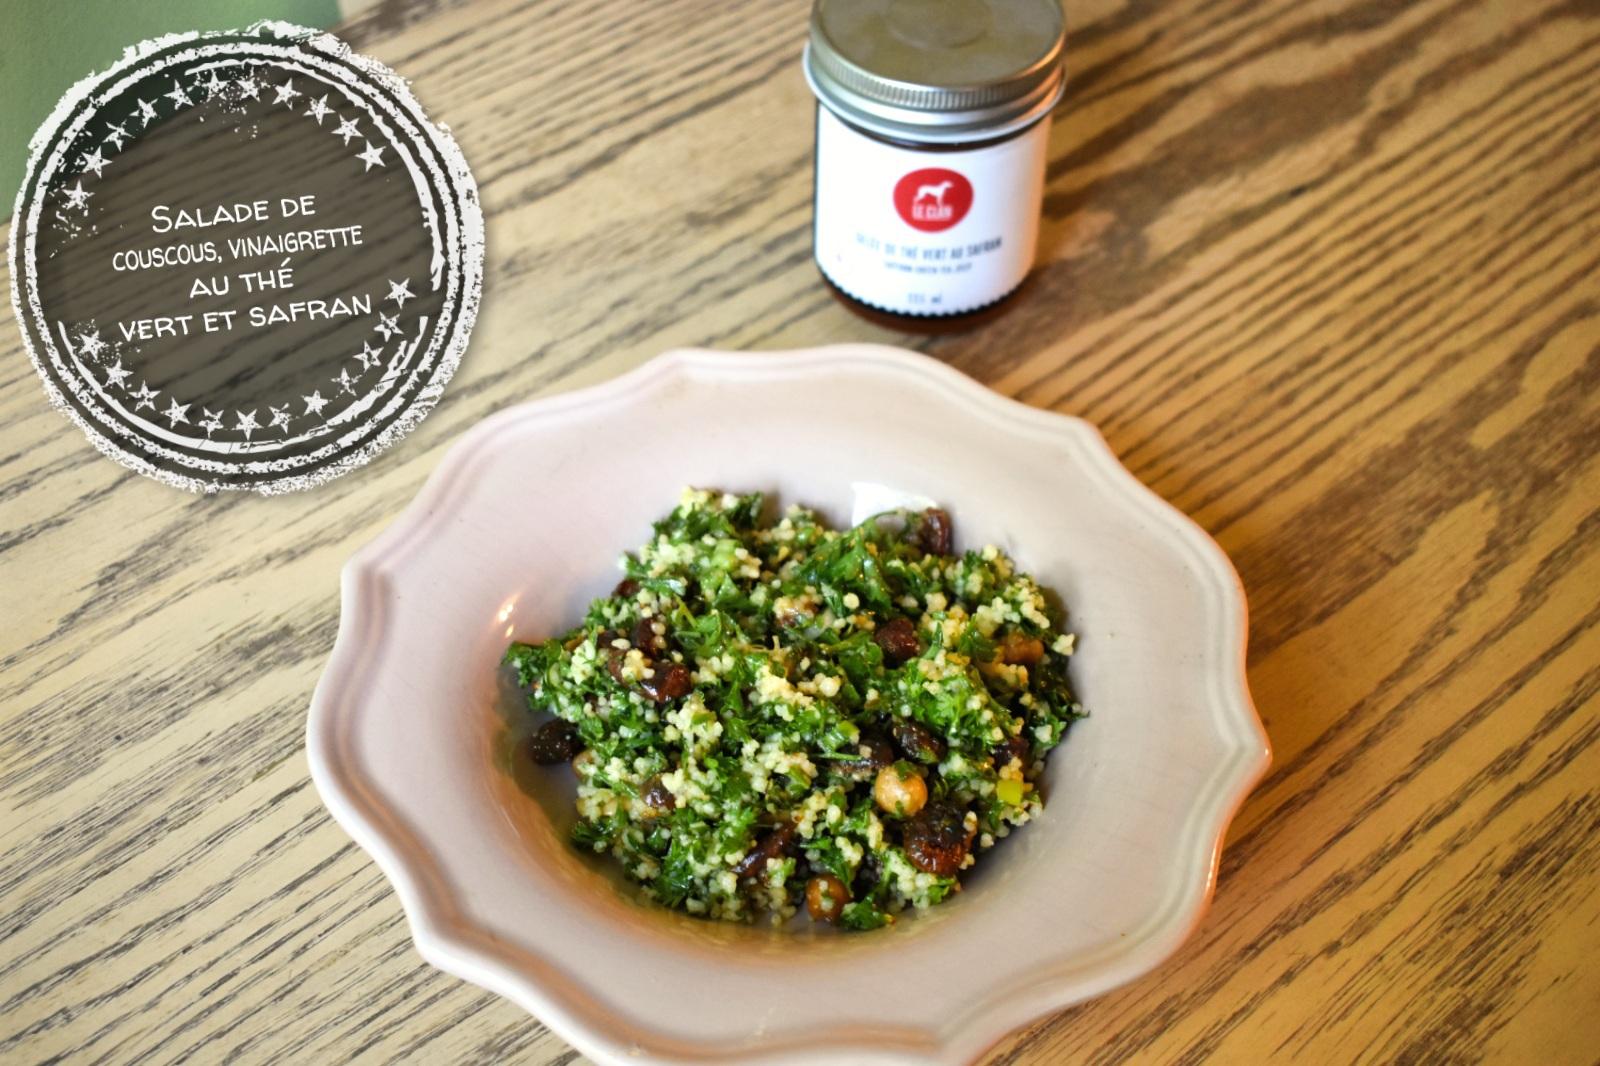 Salade de couscous, vinaigrette au thé vert et safran - Auboutdelalangue.com (6)